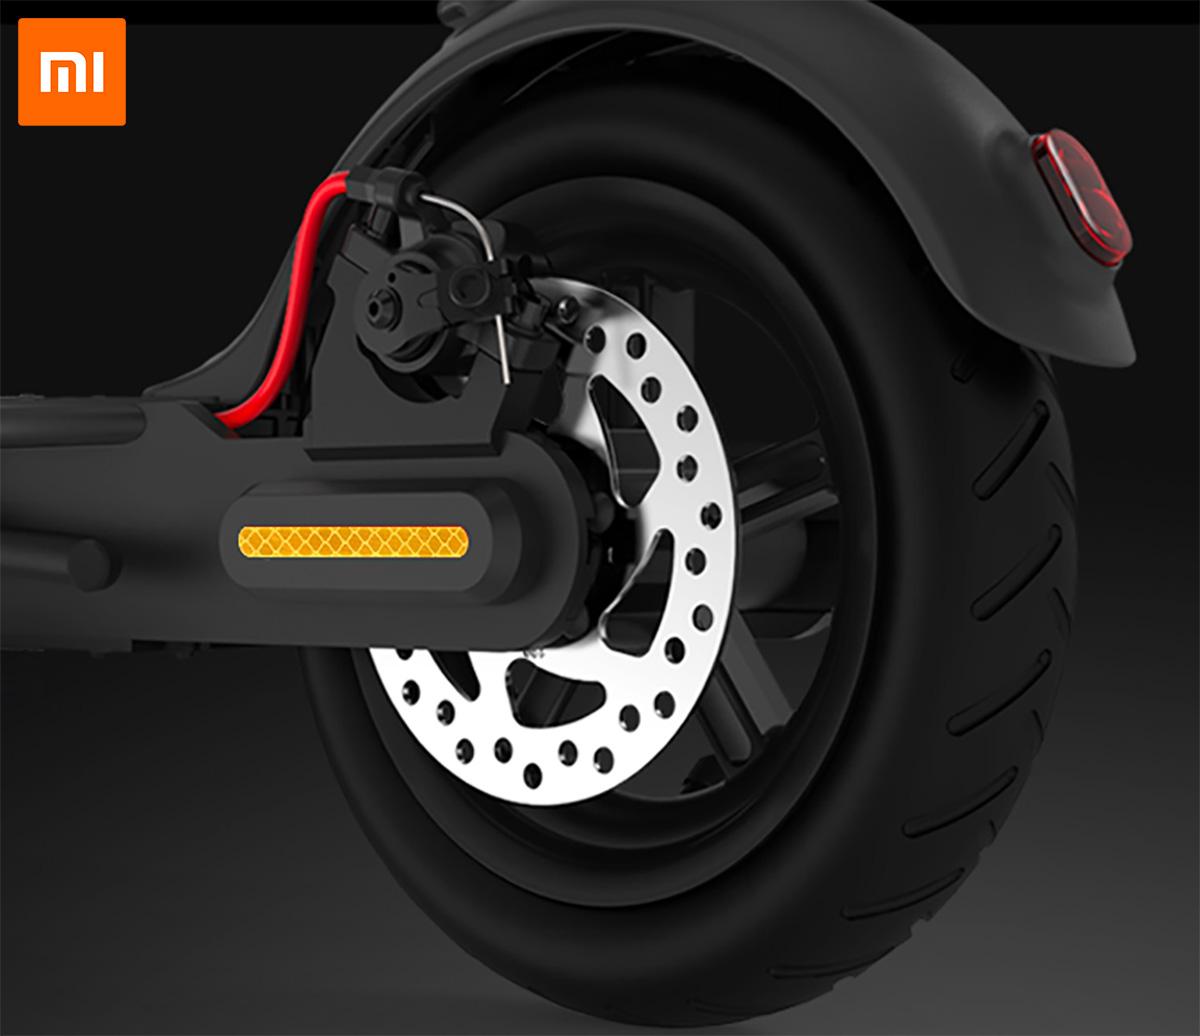 Particolare della ruota posteriore e del freno a disco del monopattino Xiaomi Mi Electric Scooter Pro